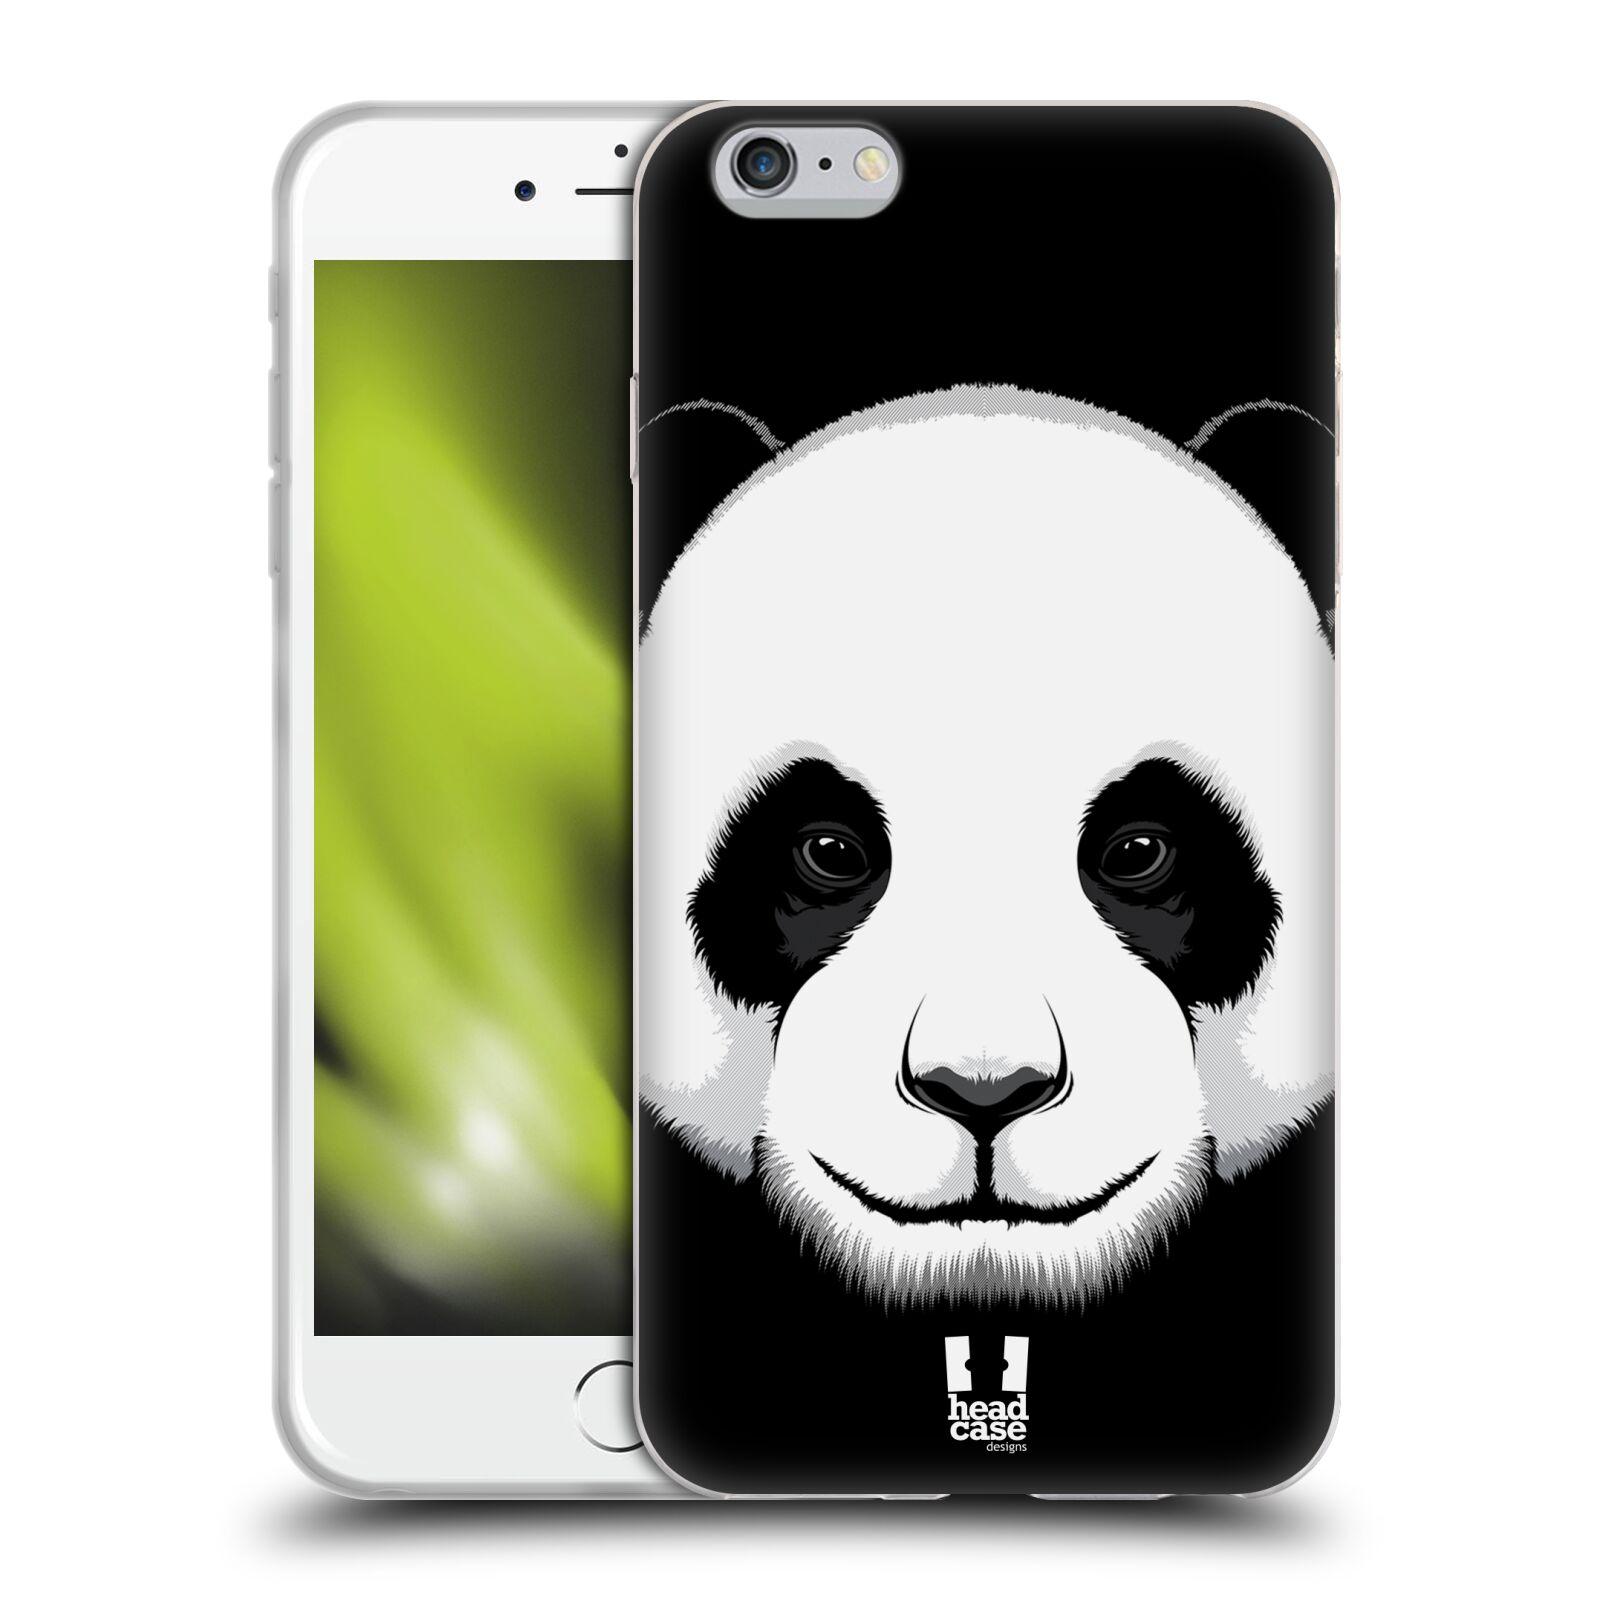 HEAD CASE silikonový obal na mobil Apple Iphone 6 PLUS/ 6S PLUS vzor Zvíře kreslená tvář panda